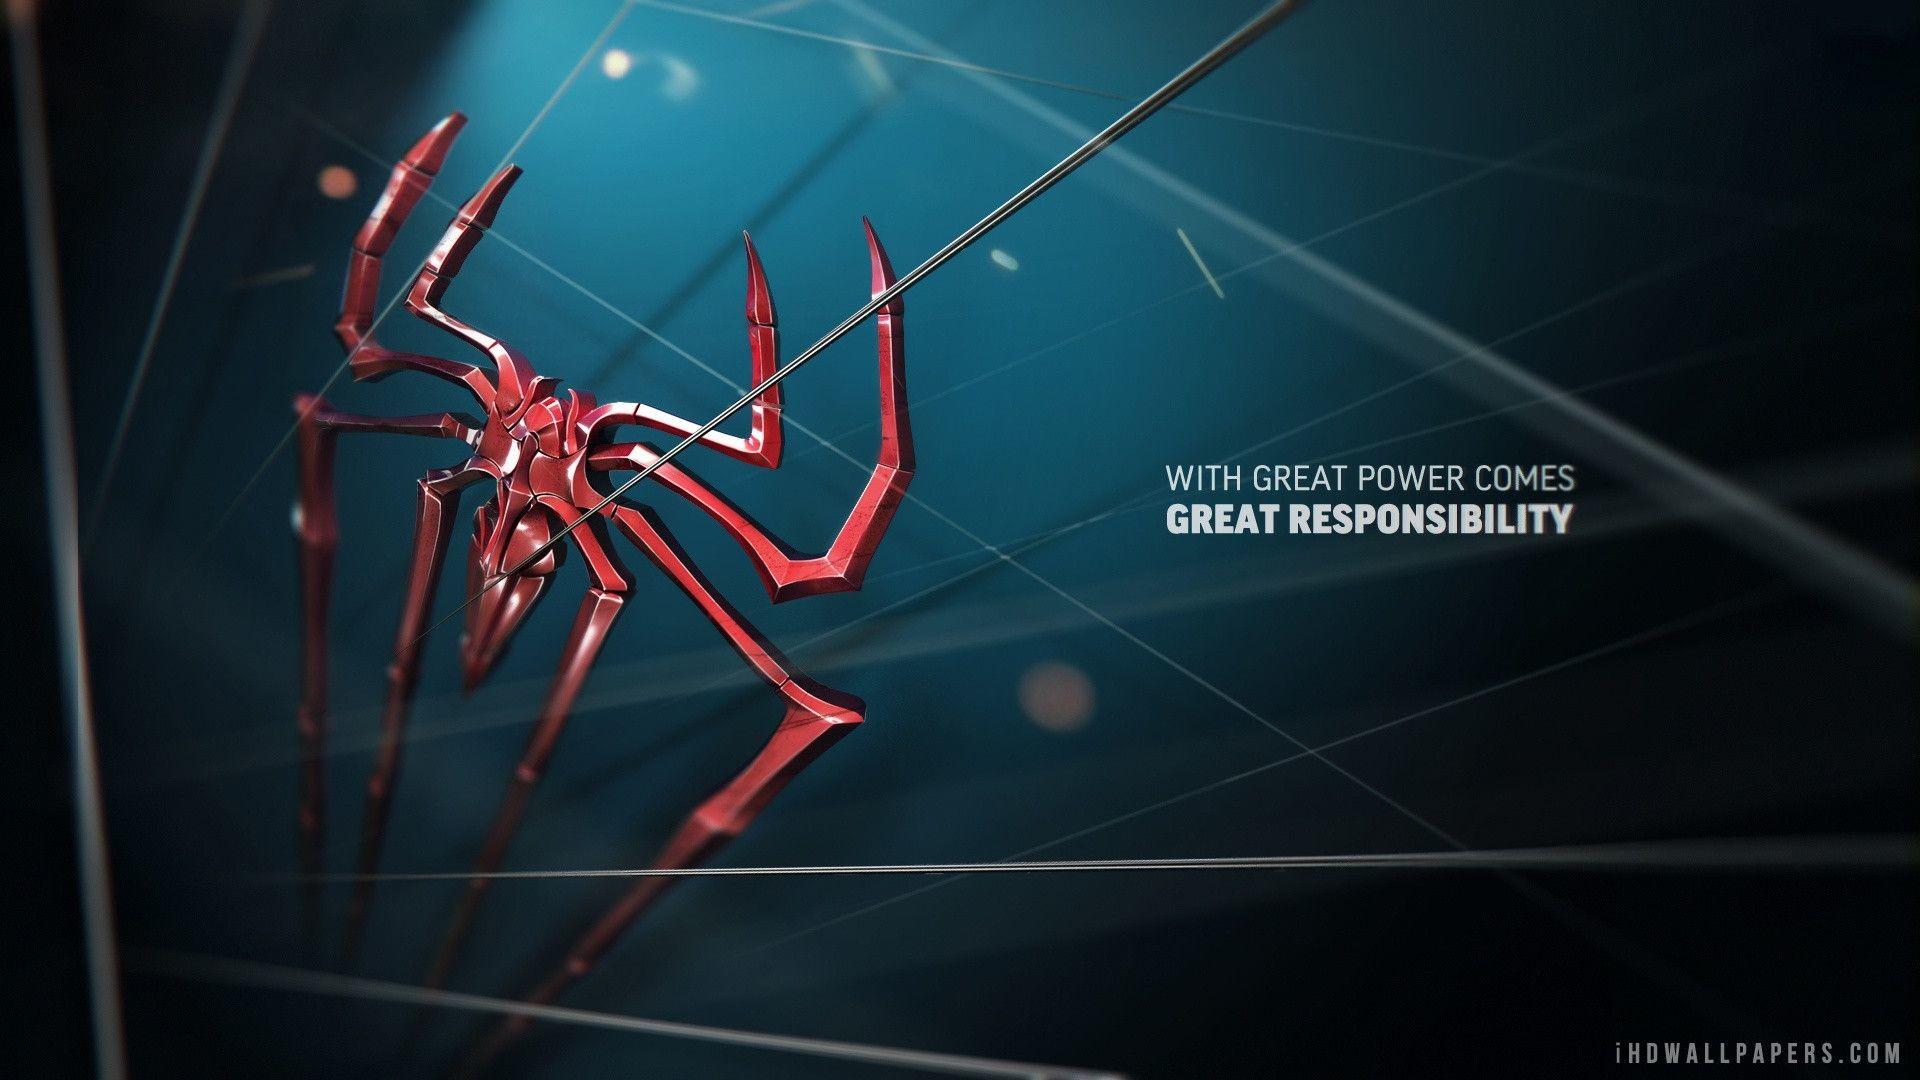 Spider Man HD desktop wallpaper : High Definition : Fullscreen 1920×1080 HD  Wallpapers Of